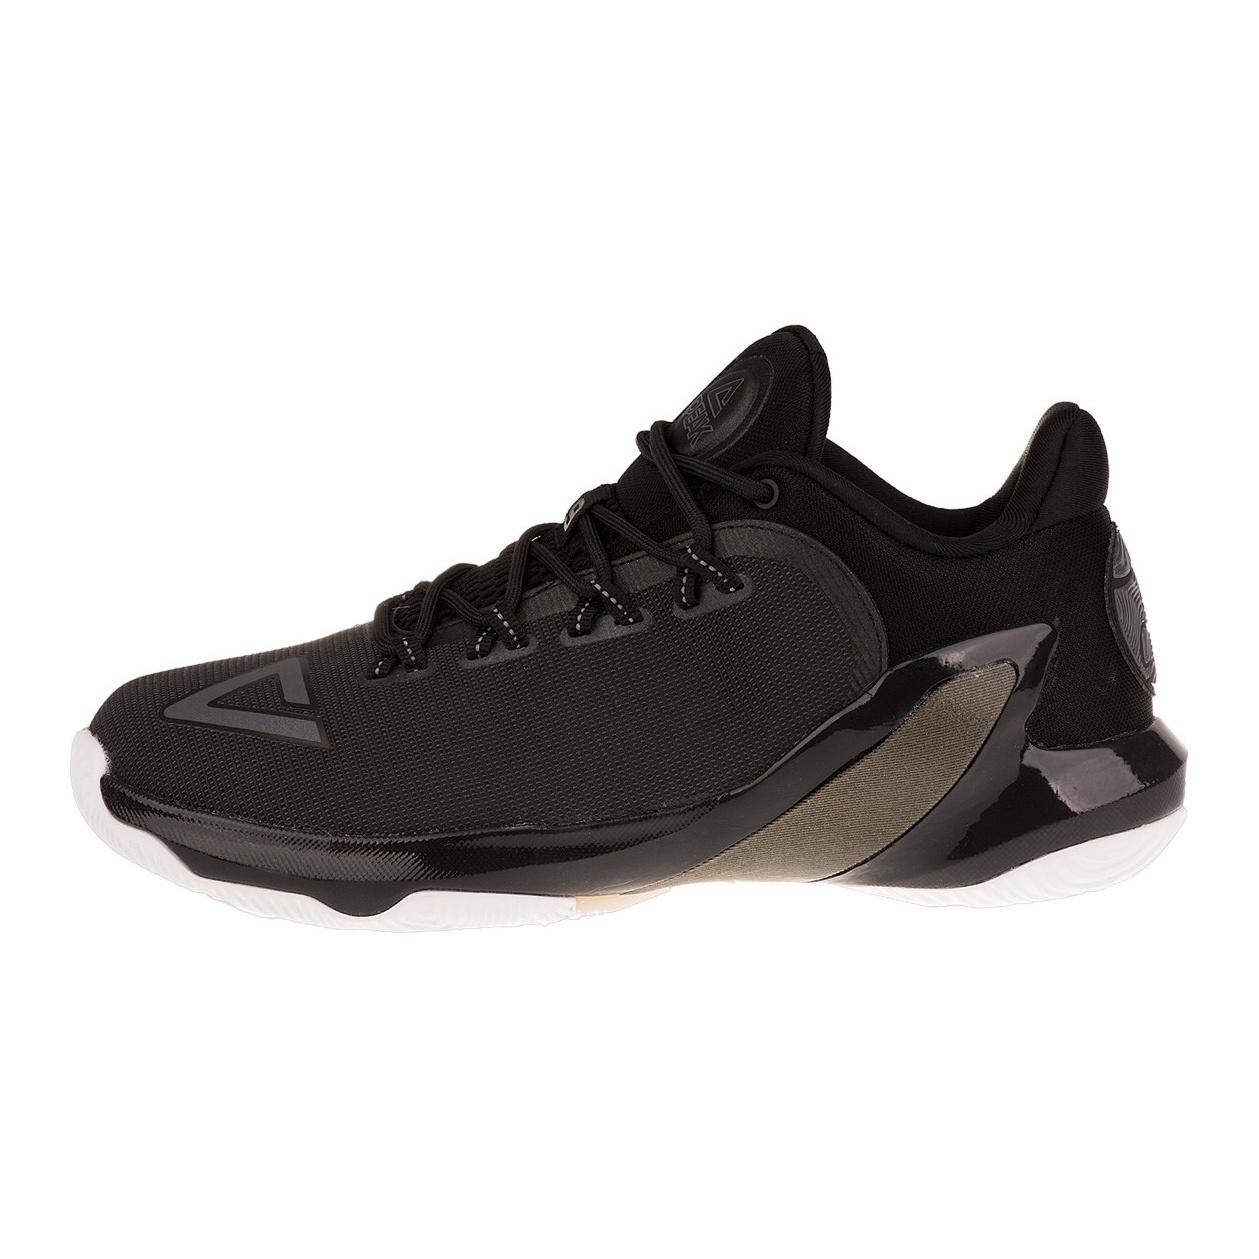 کفش بسکتبال مردانه پیک مدل E73323A 1 Tony Parker